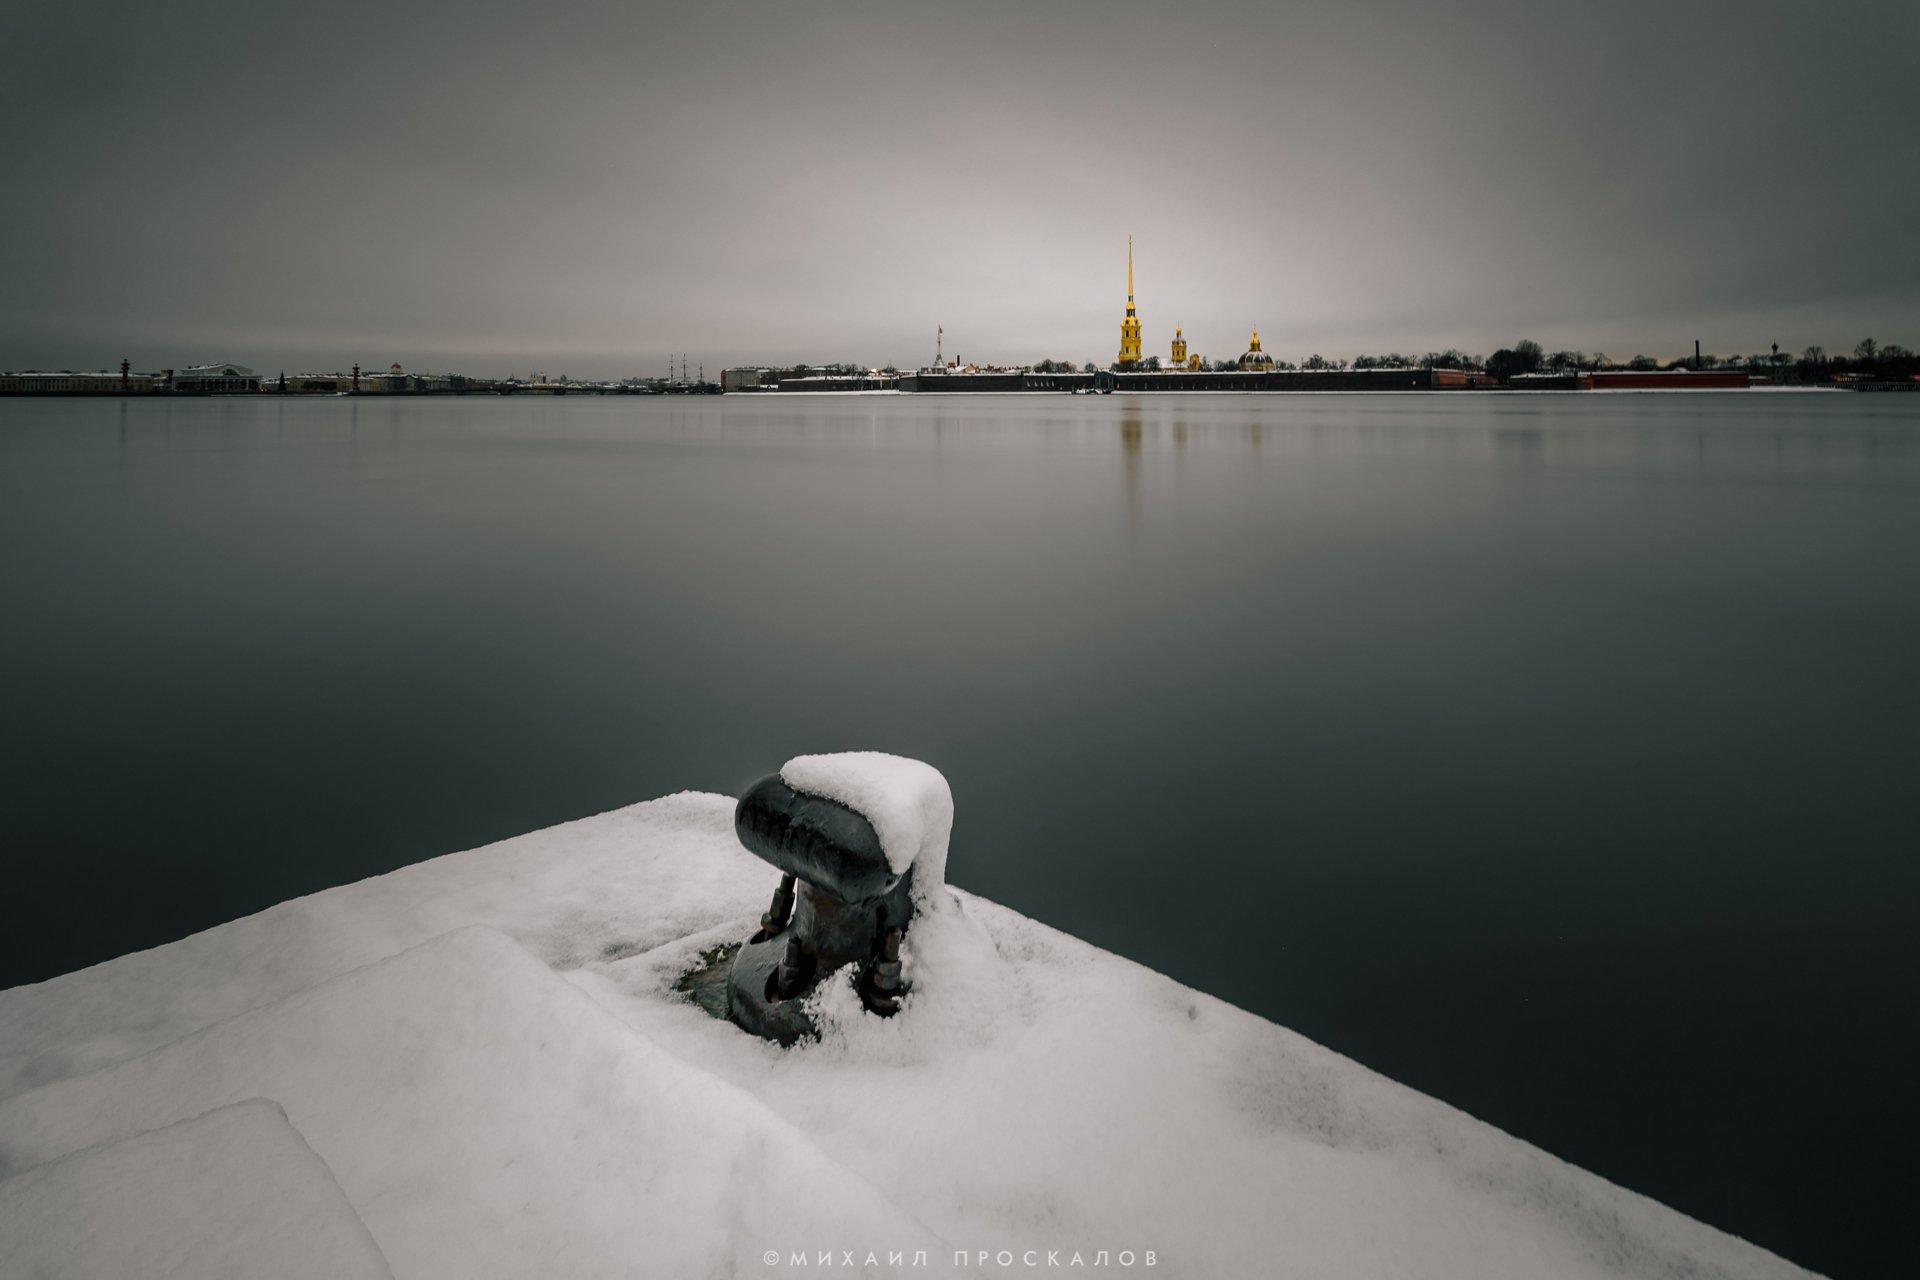 Длинная выдержка, снег, город, вода, Михаил